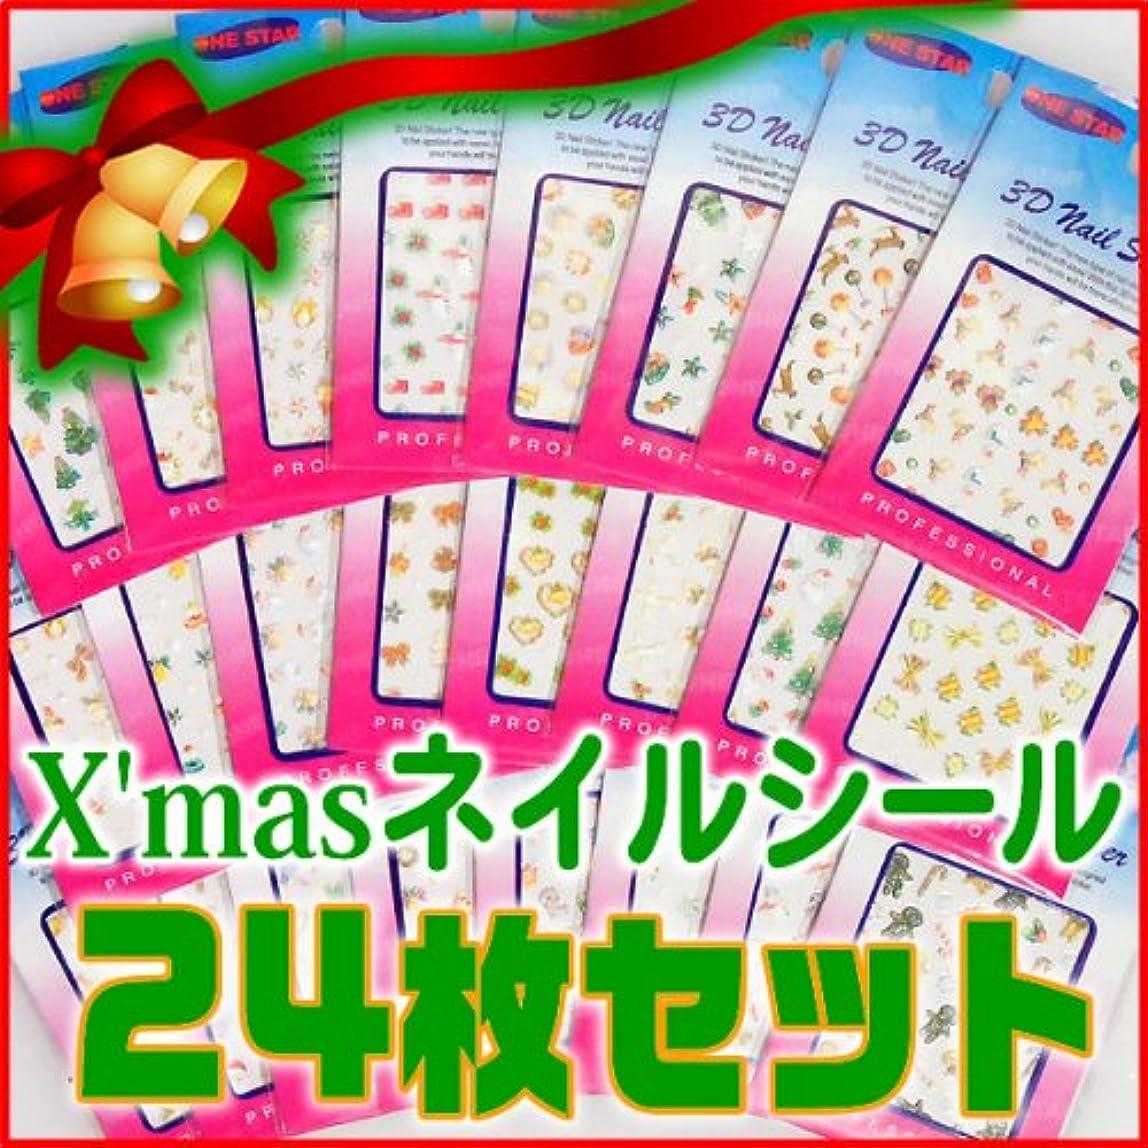 ジャンプ受け入れる裁判所ネイルシール 福袋 クリスマスネイルシール24枚セット